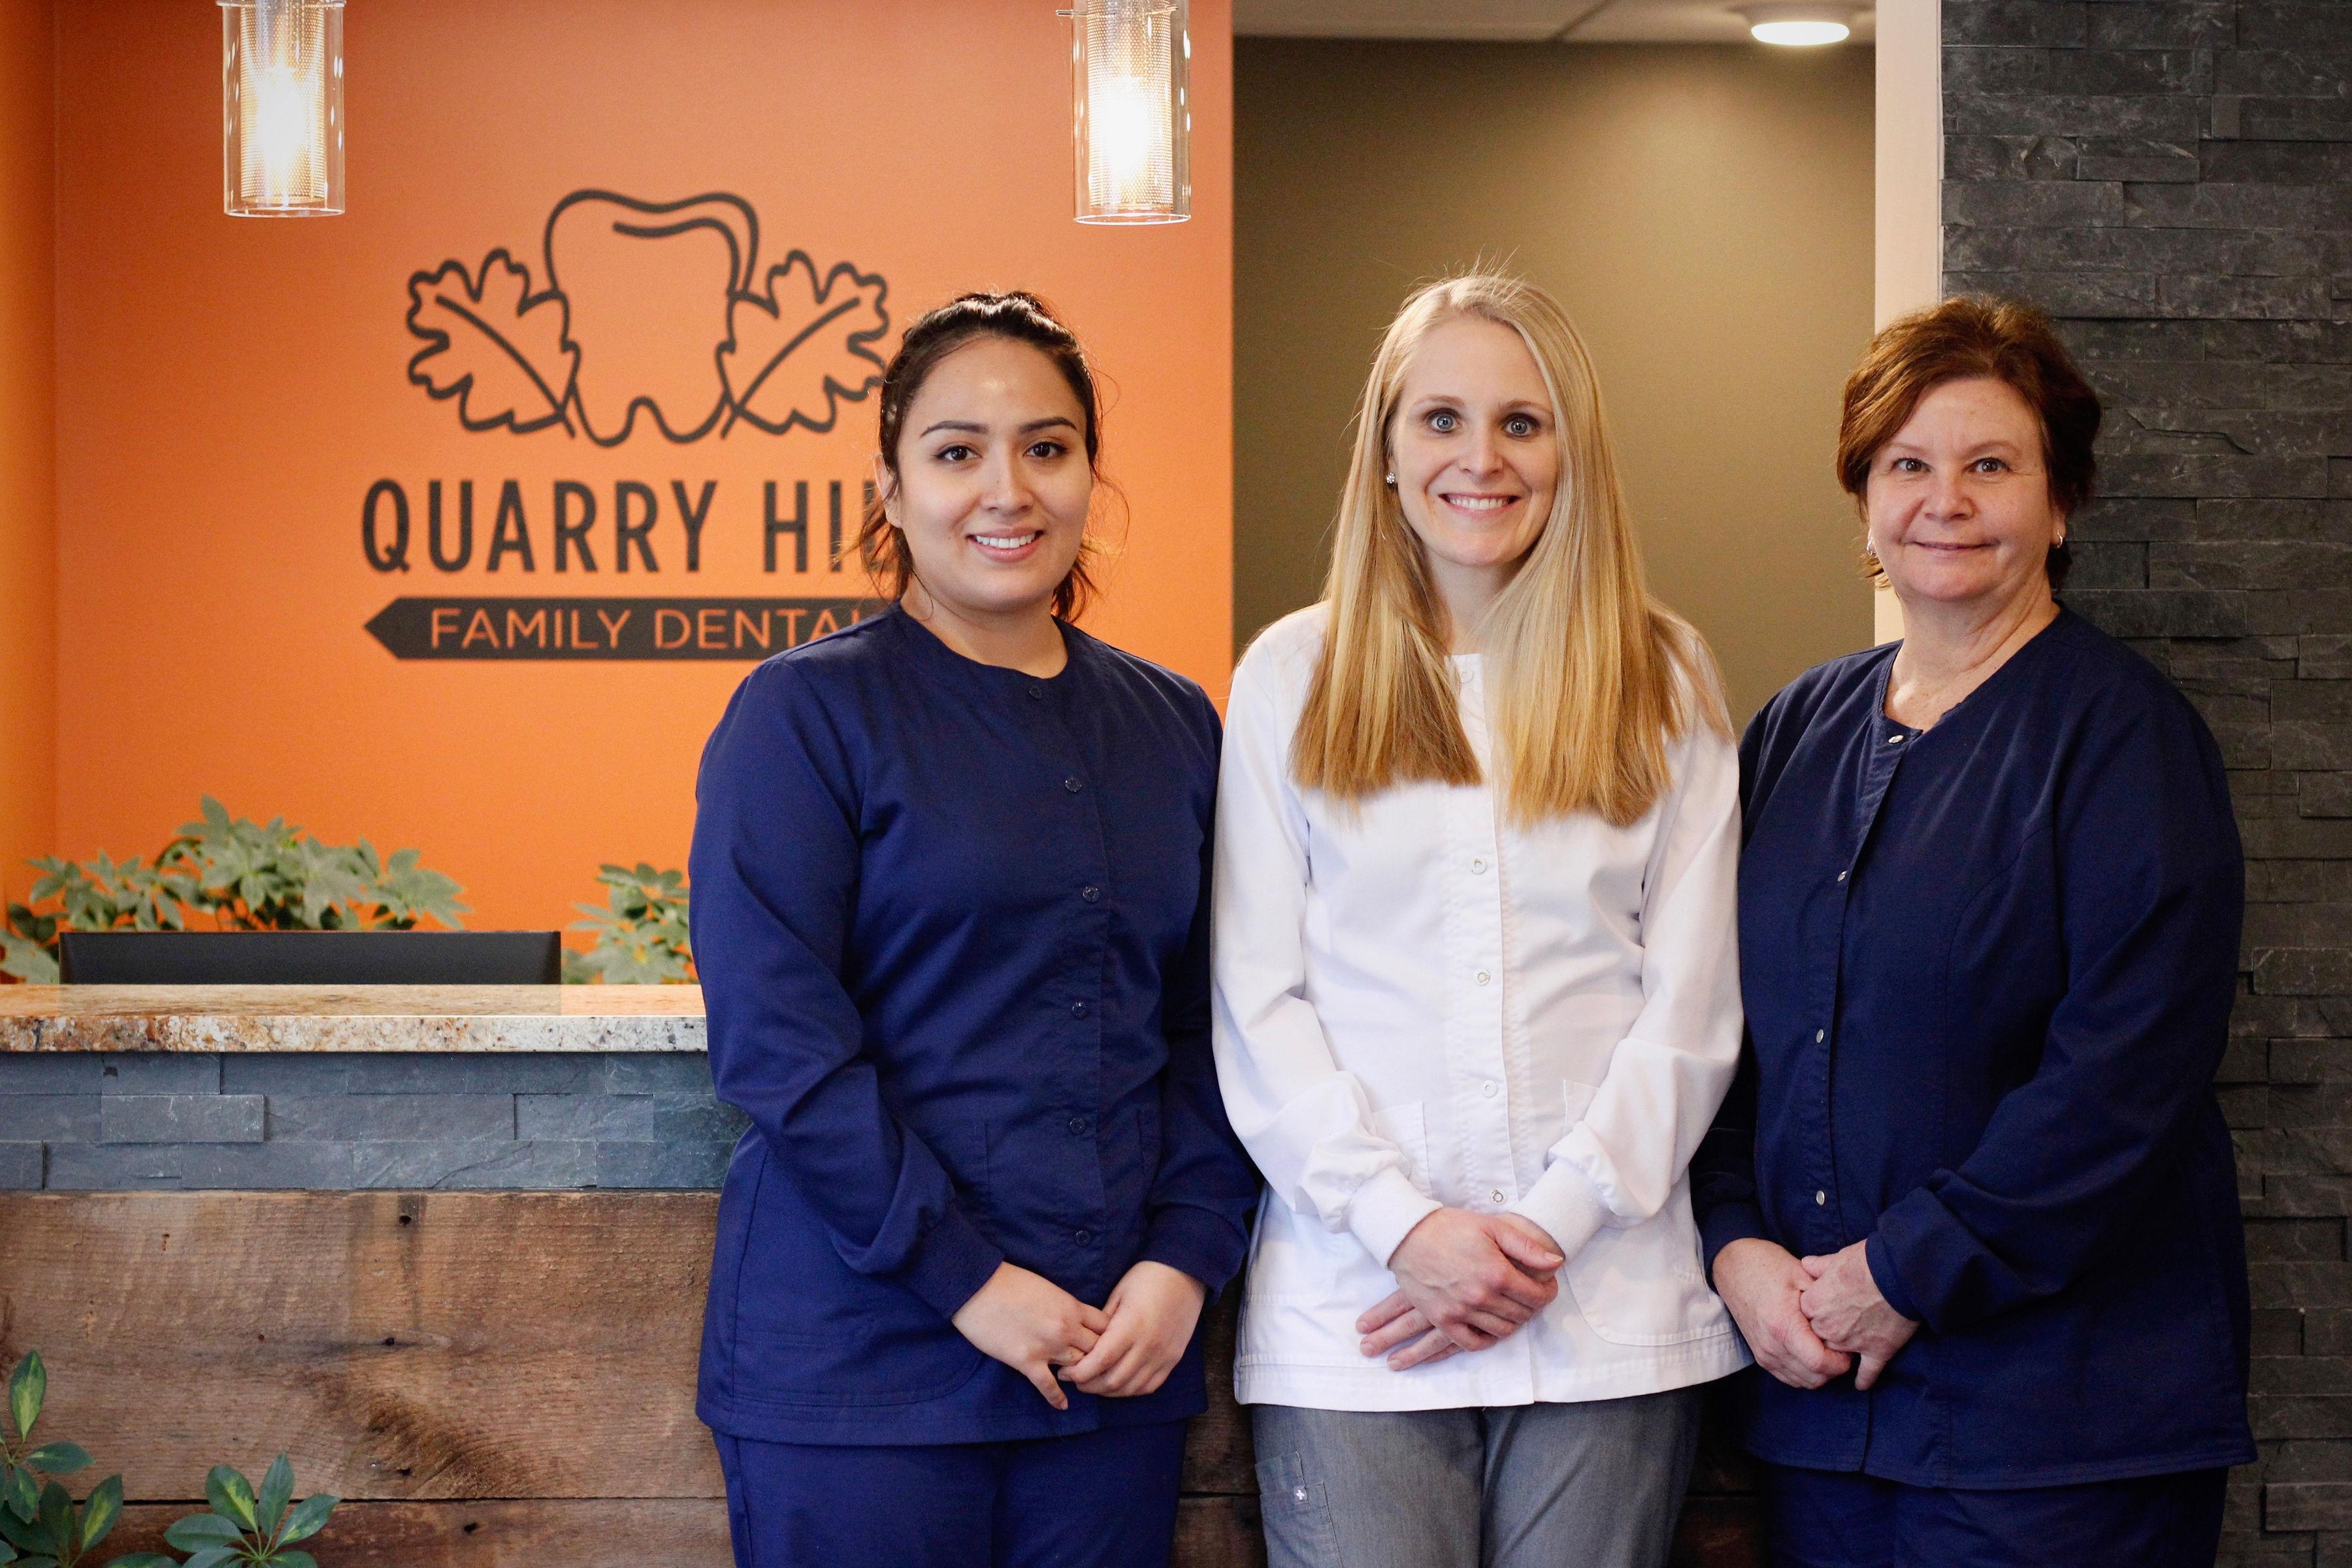 Quarry Hill Family Dental